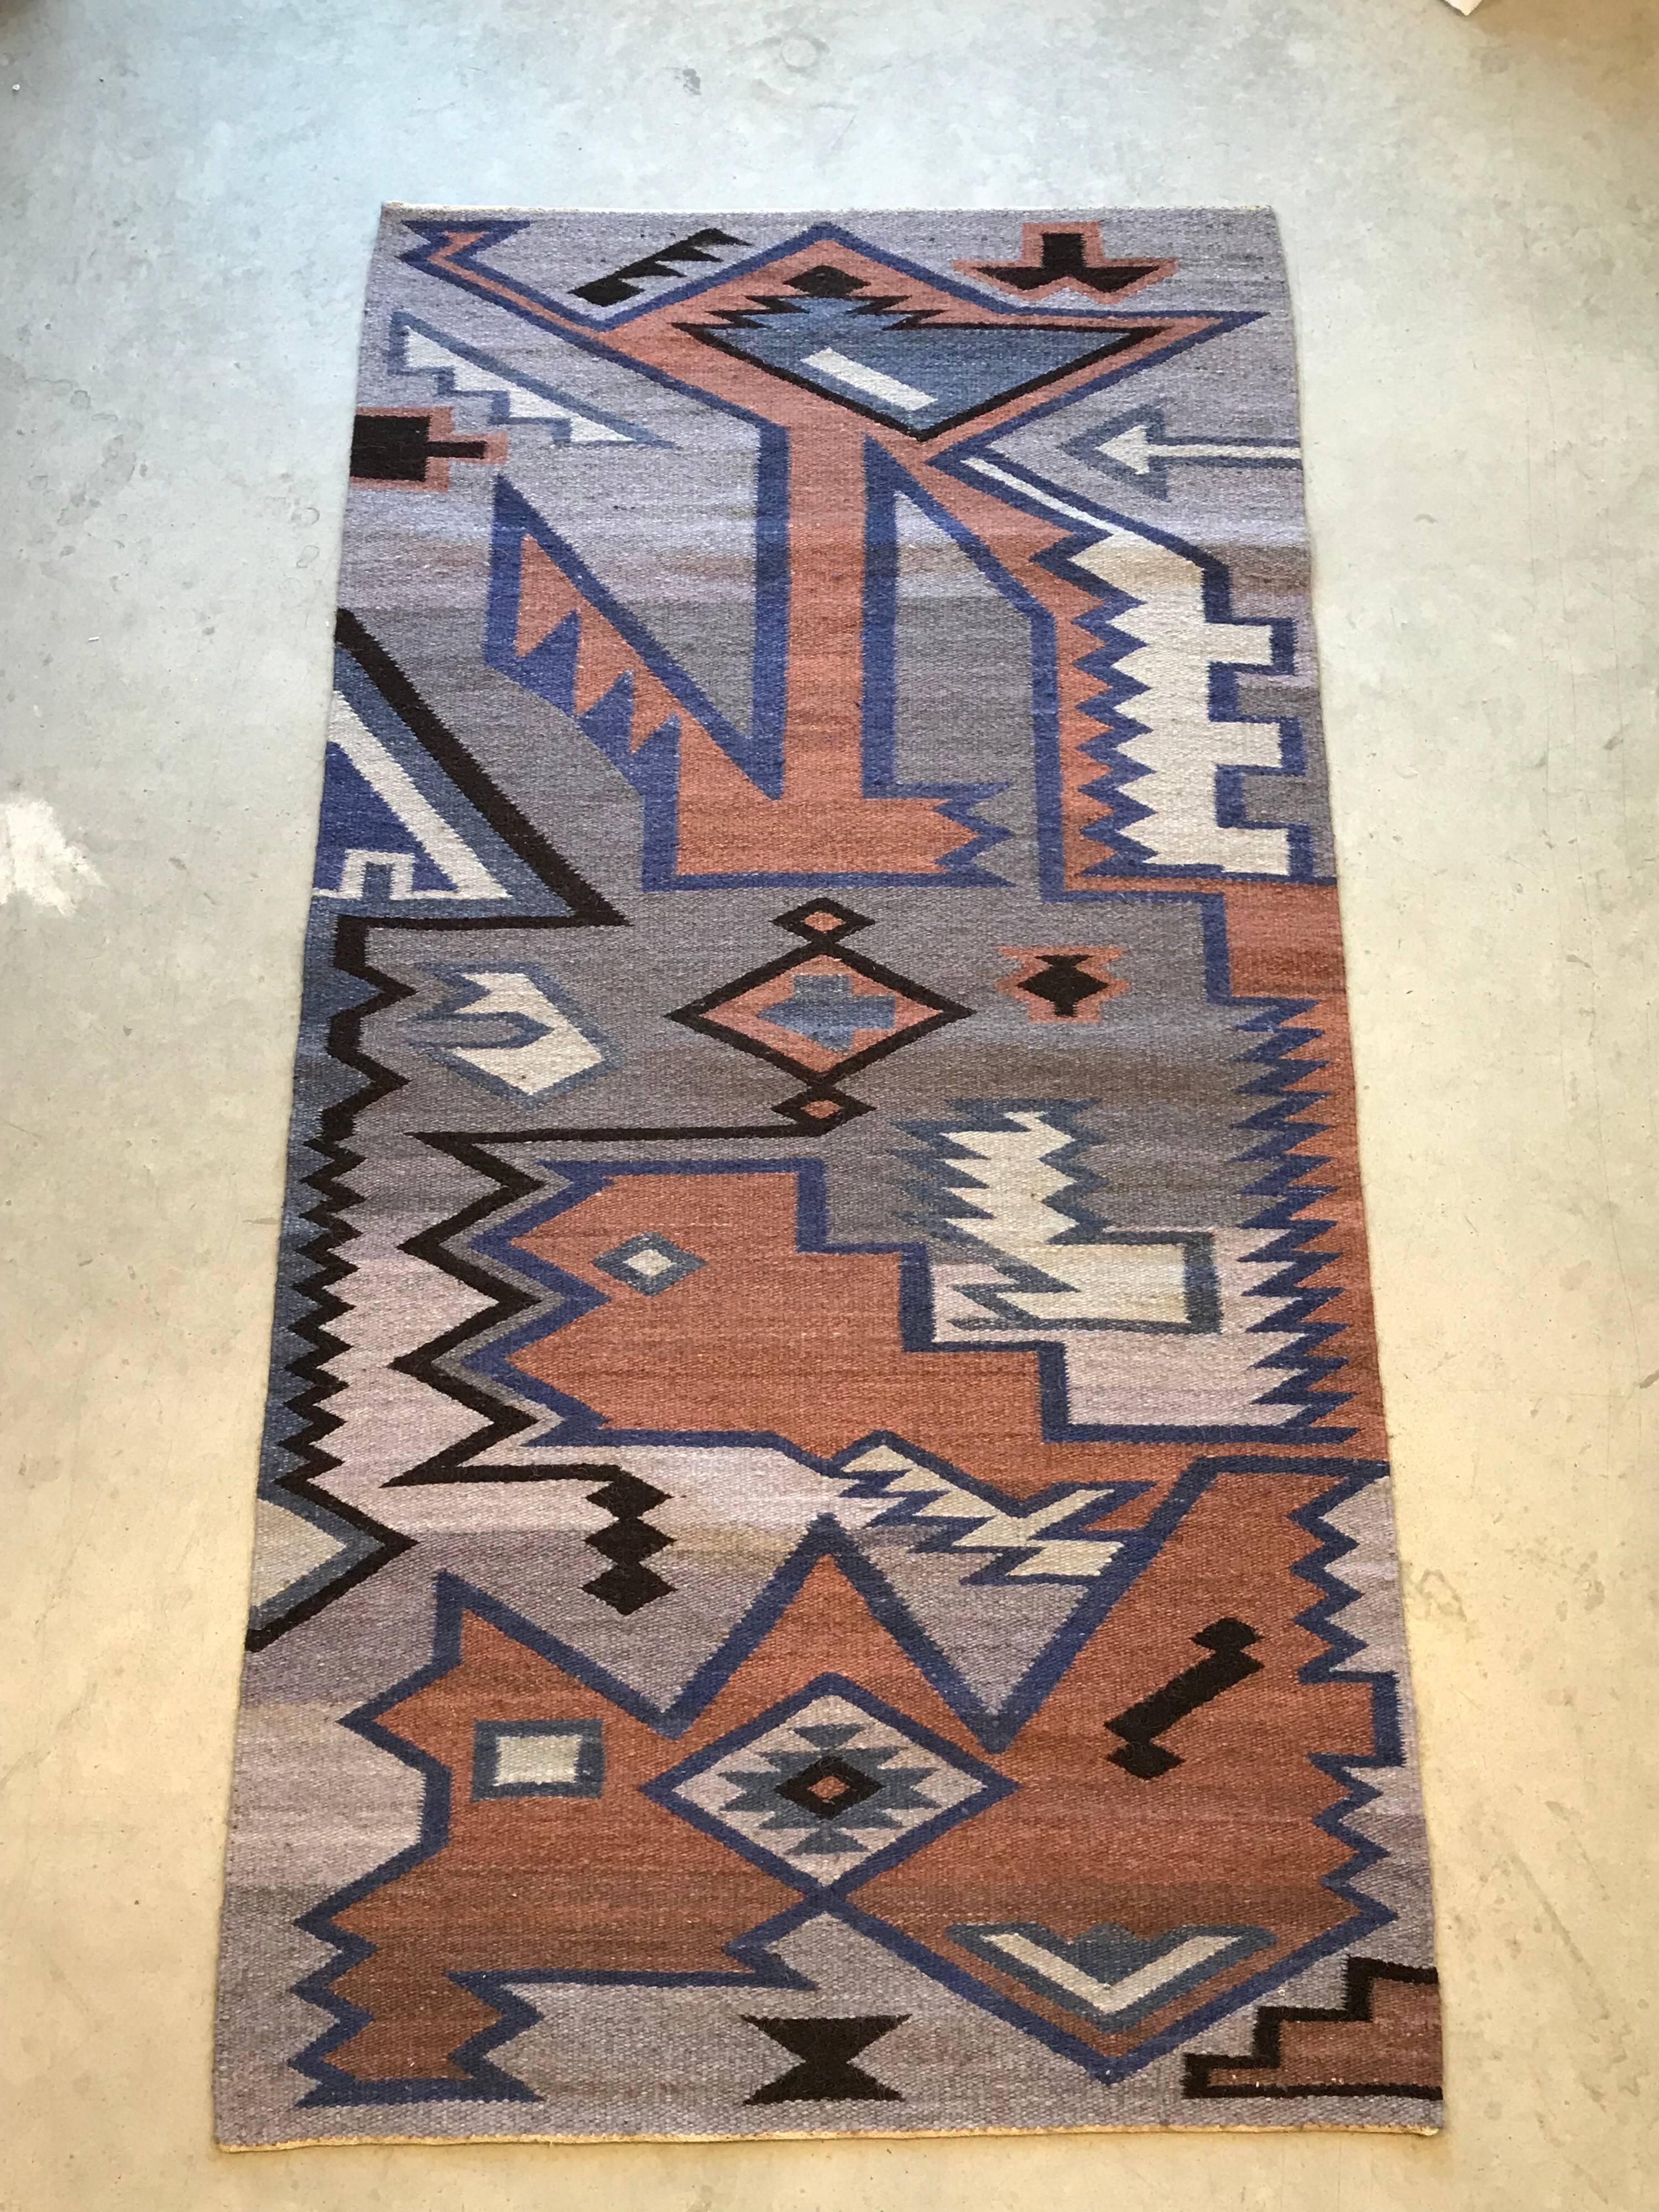 Aztec Motif Wool Kilim Dhurrie Rug 41x80 At 1stdibs